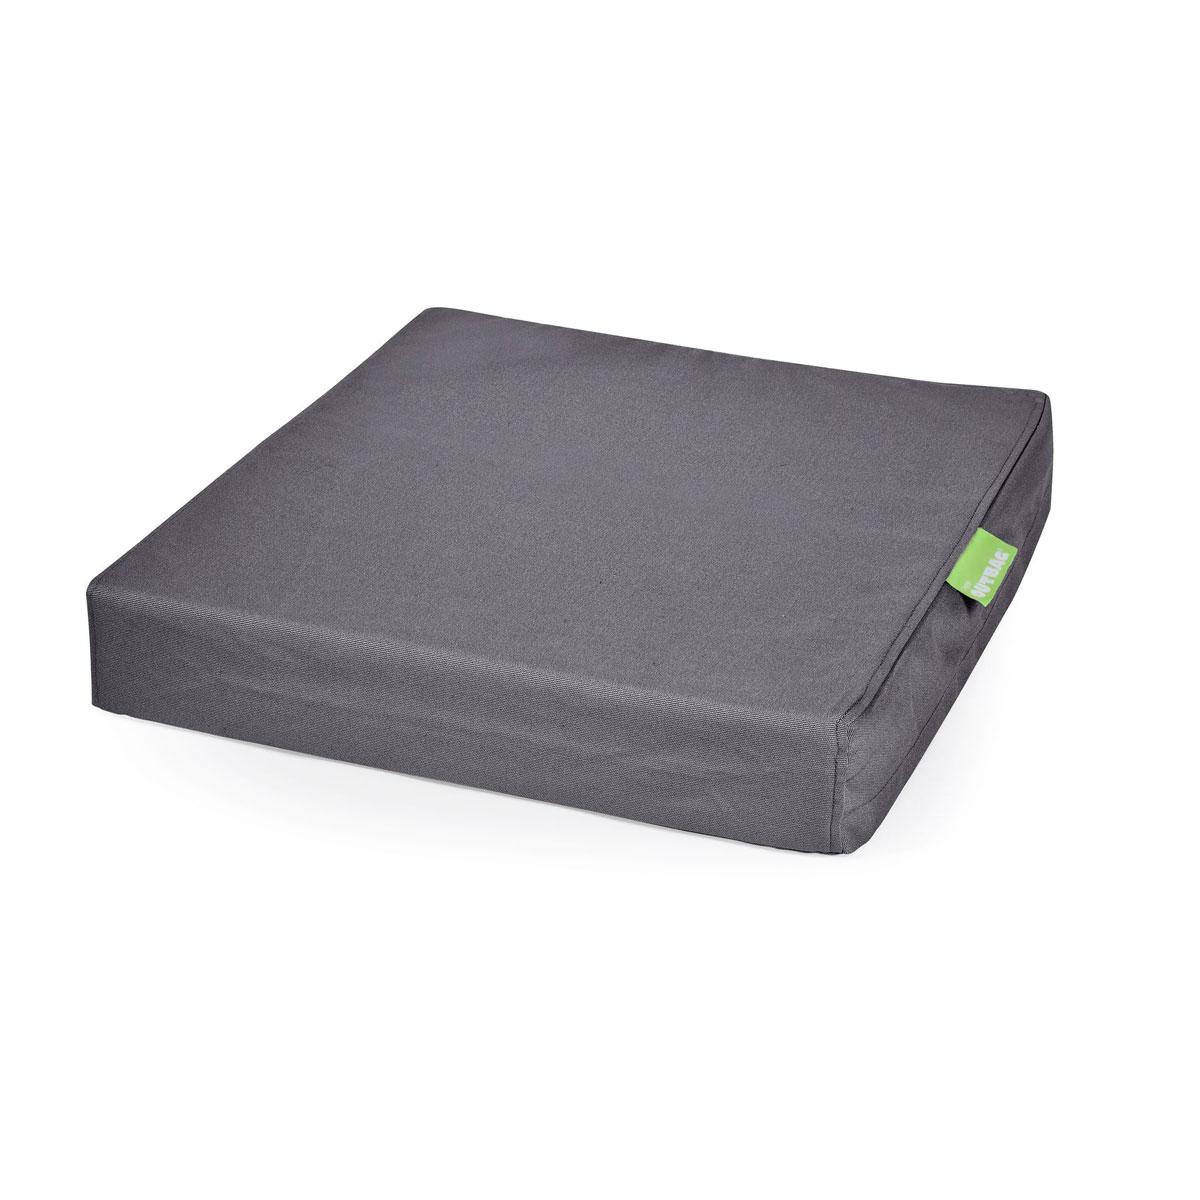 """Truhen und Auflagen - Sitzkissen """"Tile Square Pillow Plus"""", anthrazit  - Onlineshop Hellweg"""